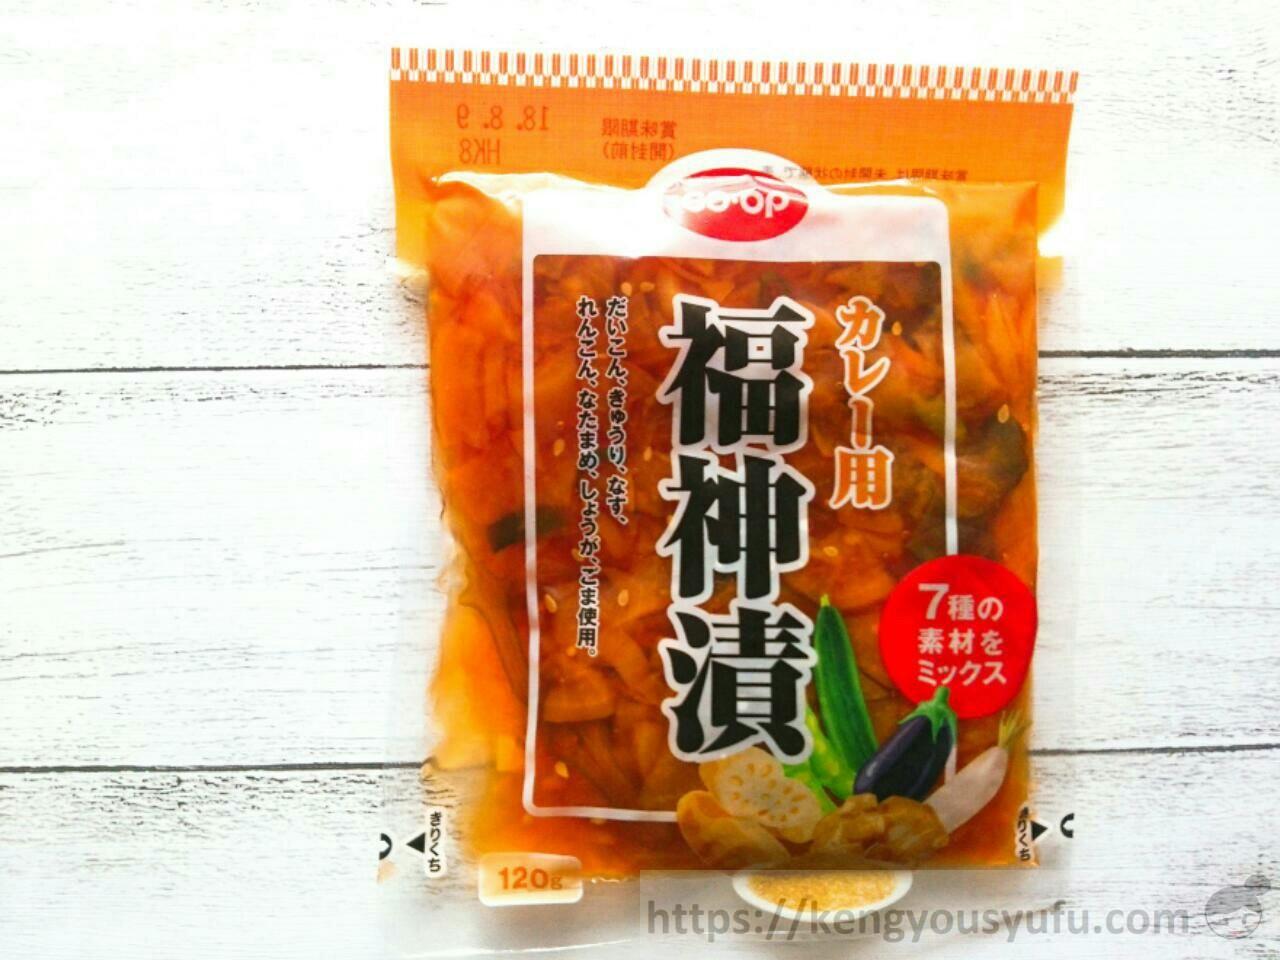 コープ「カレー用福神漬け」小鉢料理としても使えるよ!